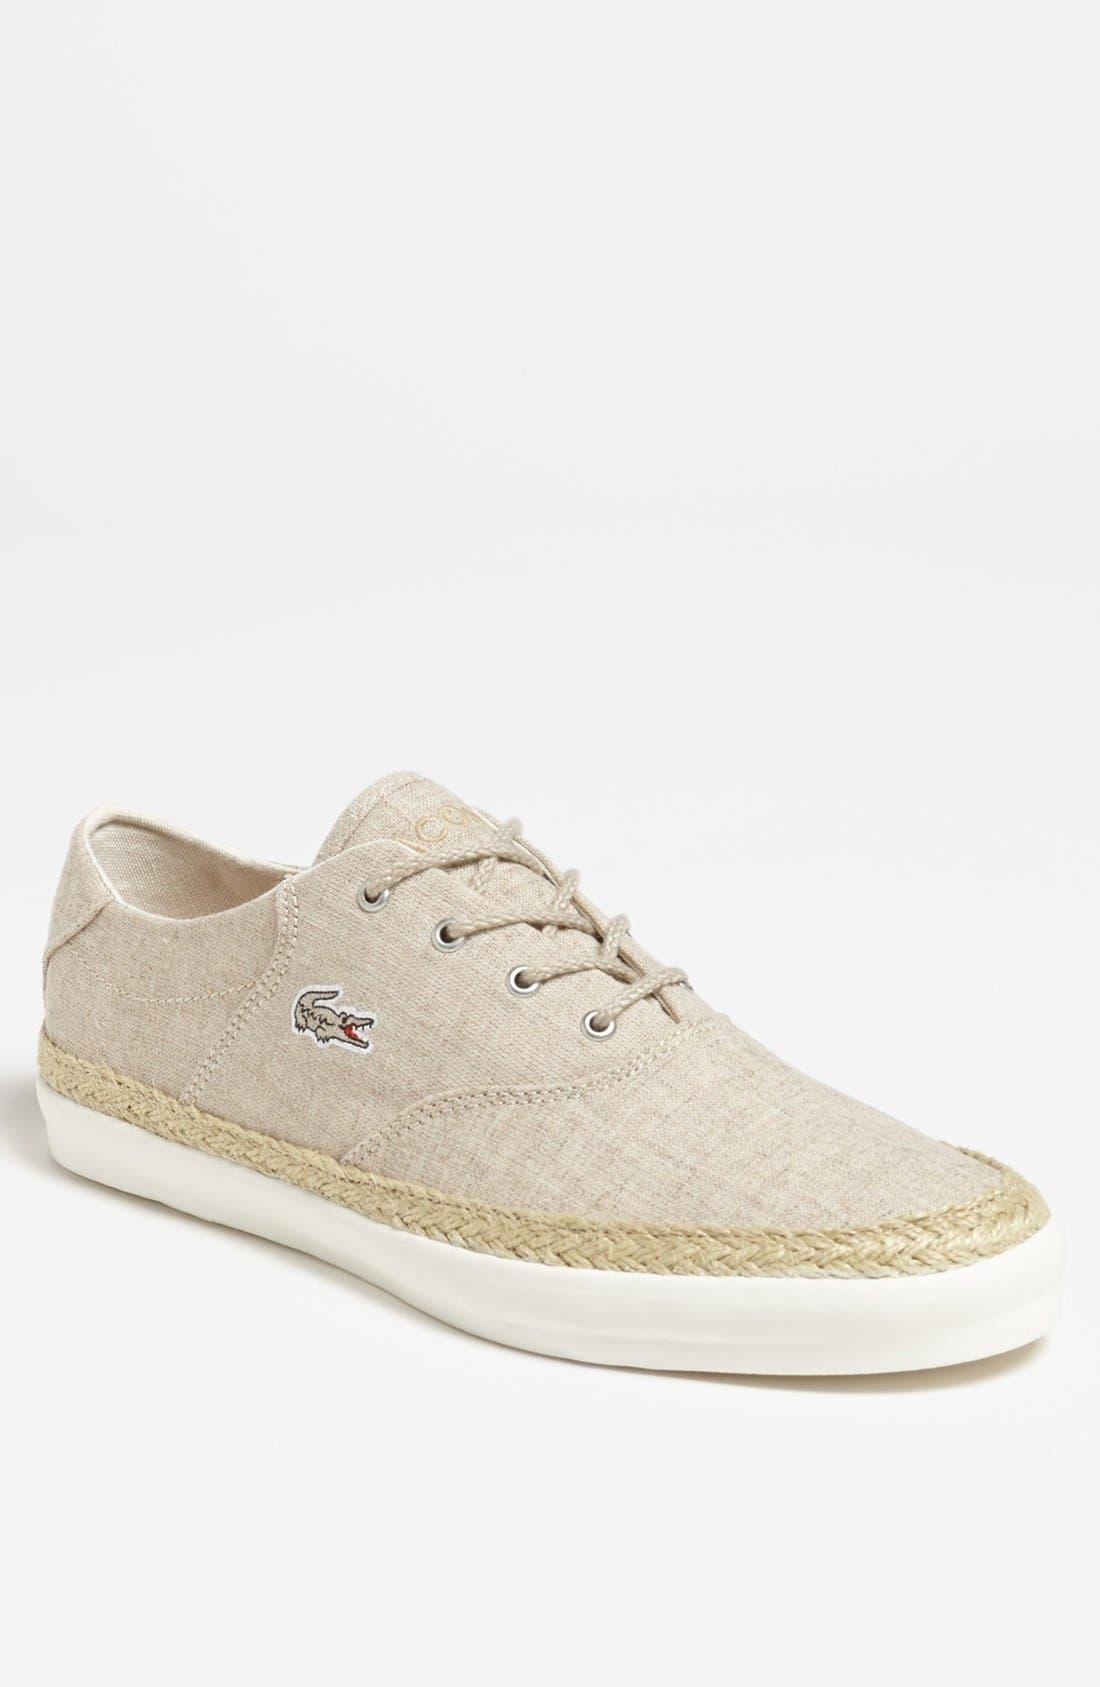 Alternate Image 1 Selected - Lacoste 'Glendon' Sneaker (Men)